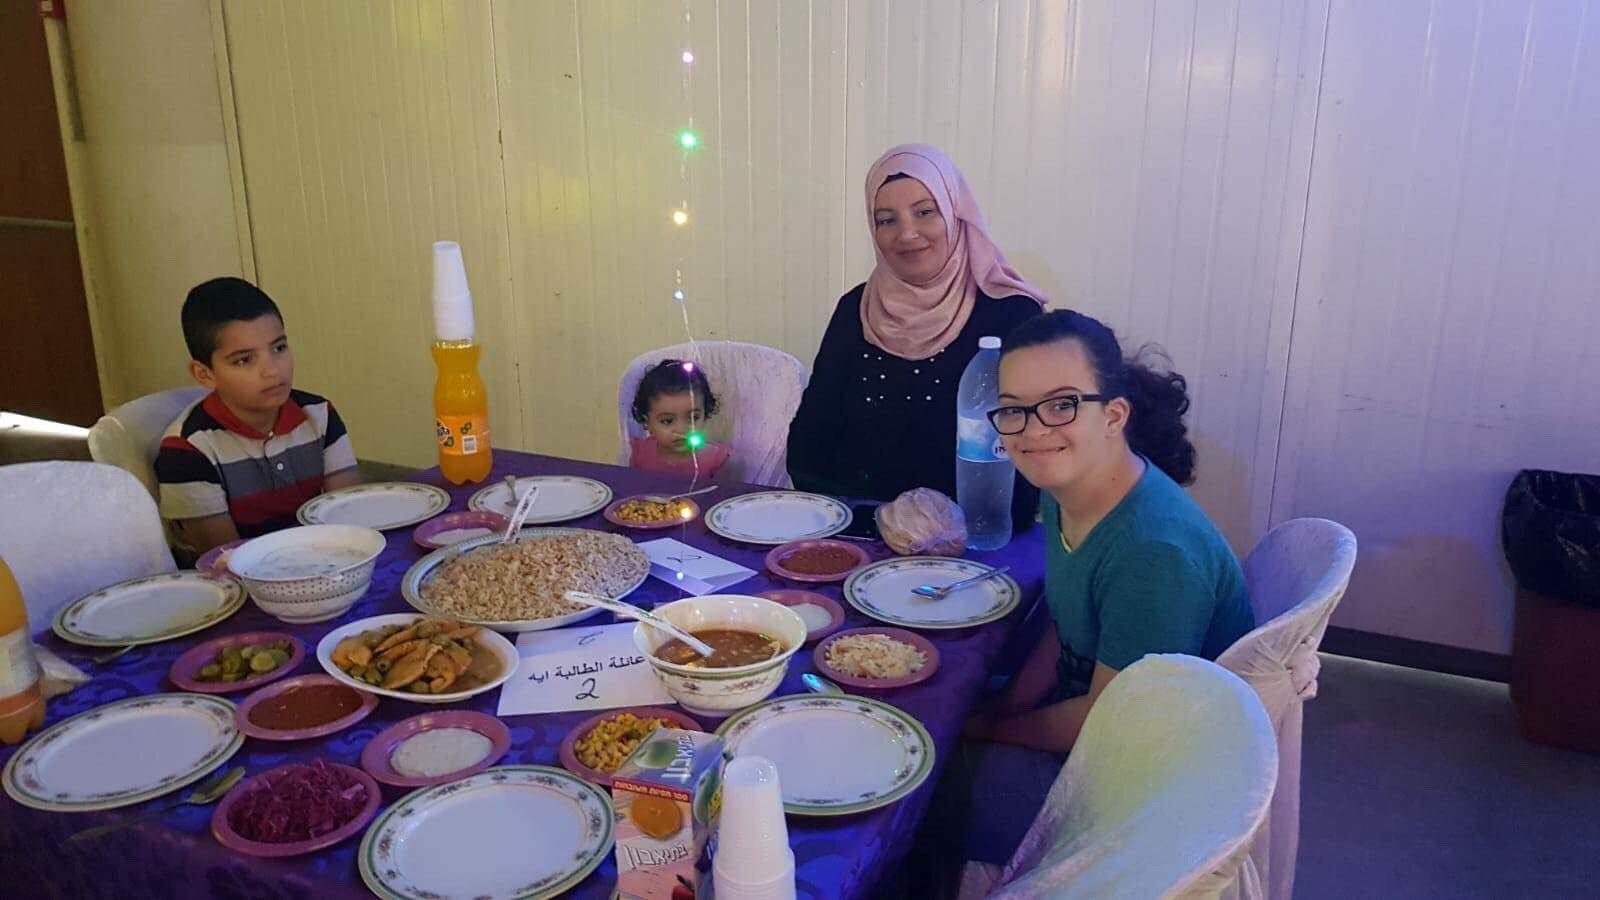 ام الفحم: مدرسة الامل تقيم افطارا جماعيا